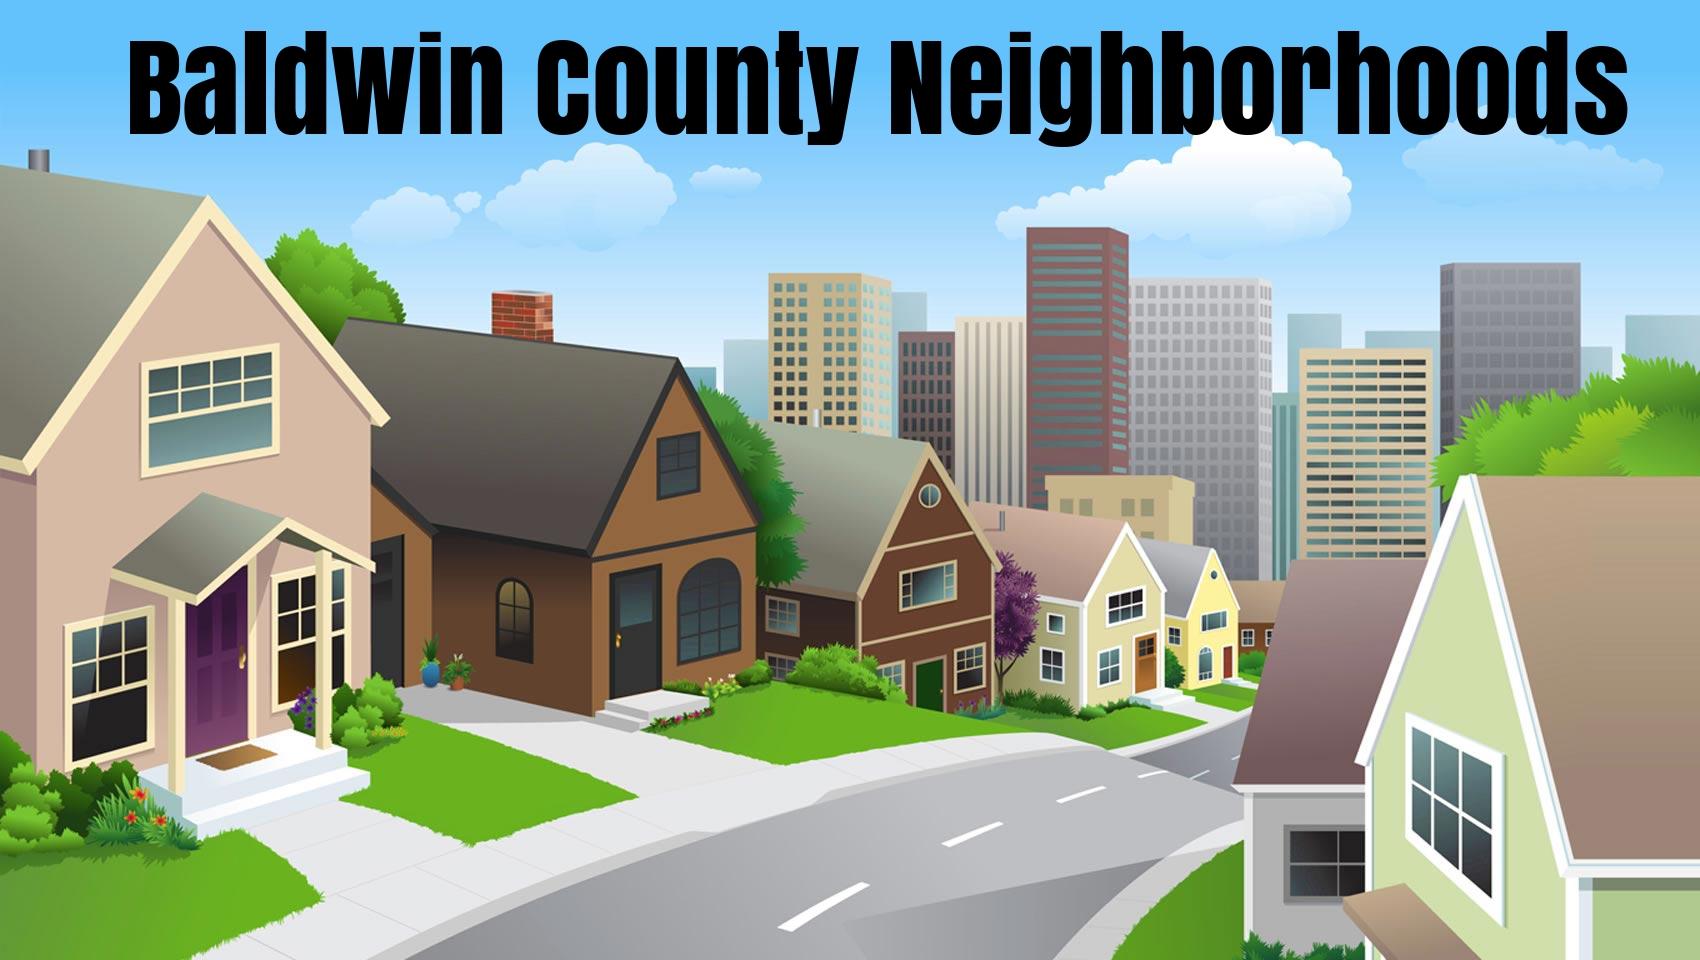 Baldwin County Neighborhoods